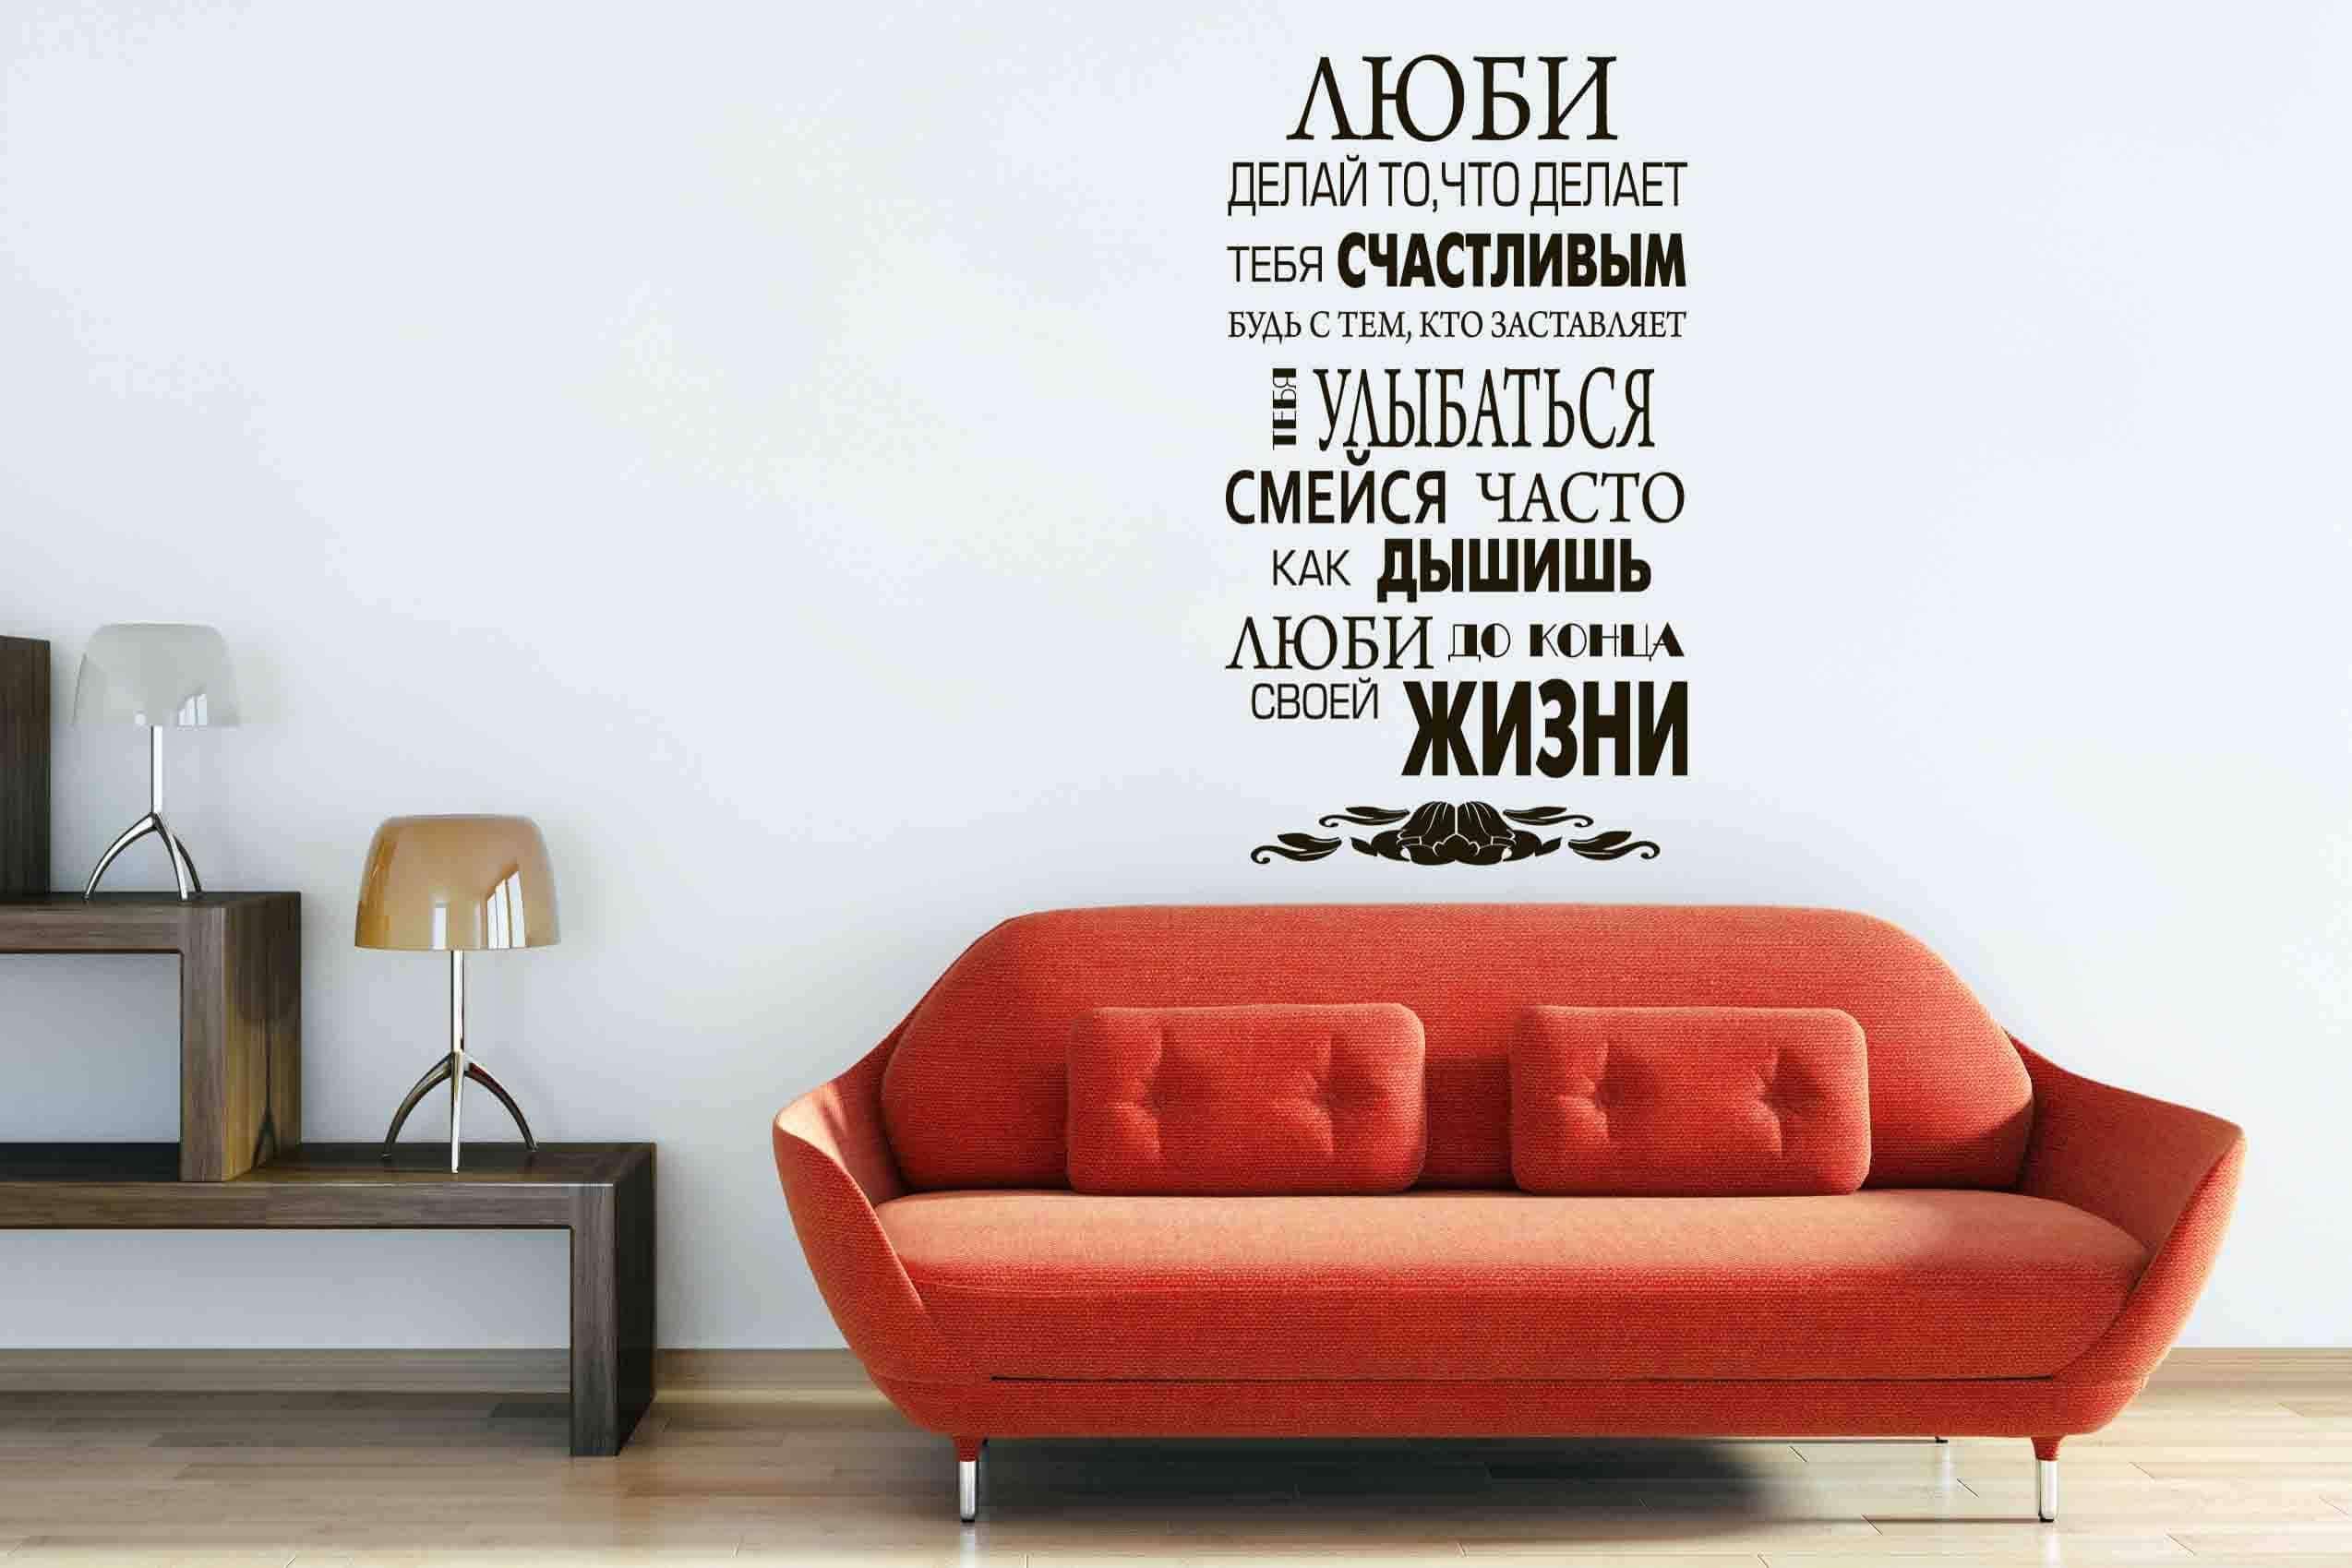 Обои на стену с надписями на русском, смешного старика открытки